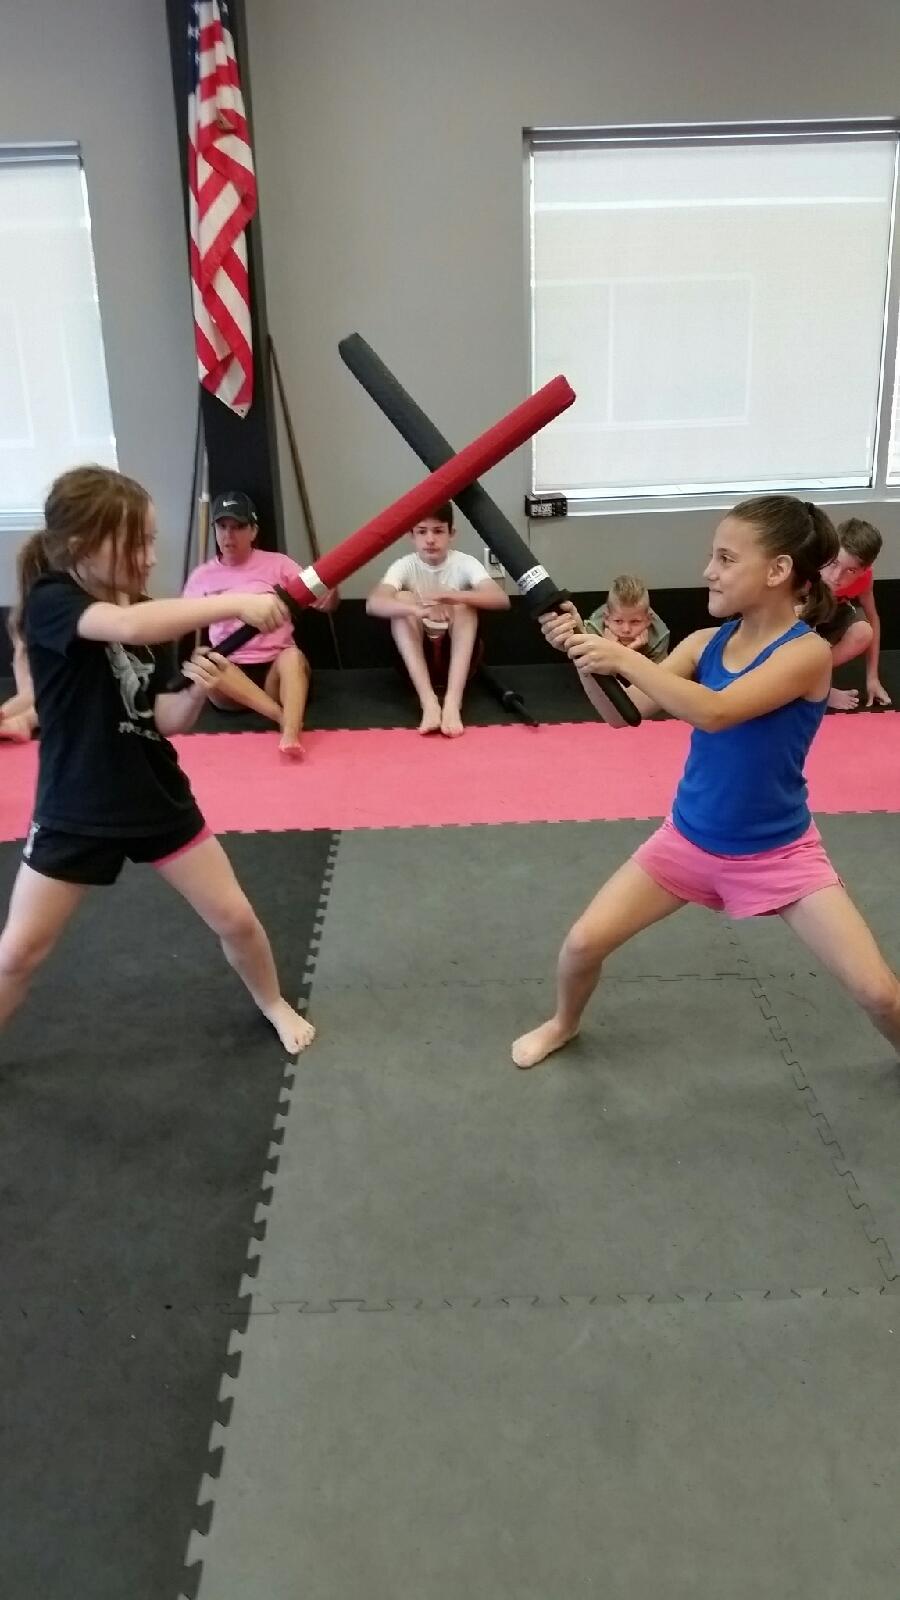 American Karate Summer Camp 2015 - sword sparring